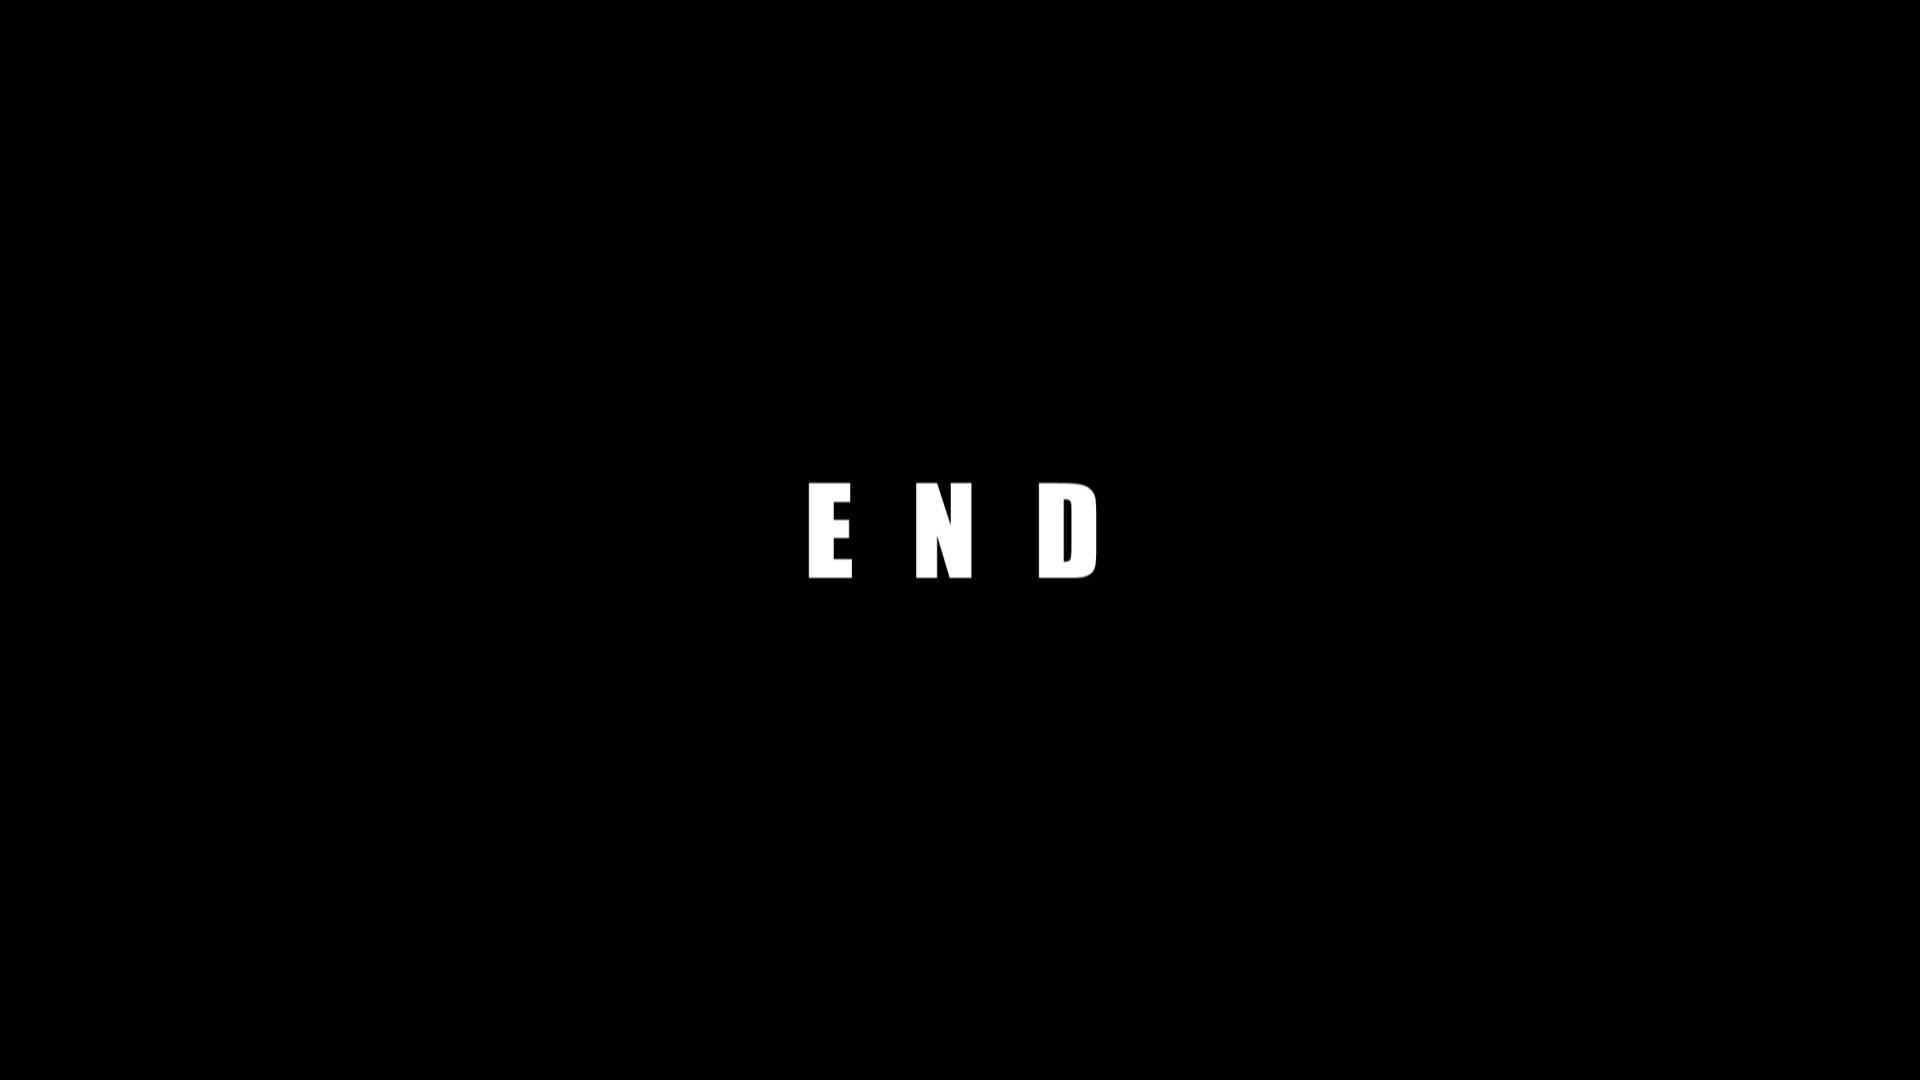 至高下半身盗撮-PREMIUM-【院内病棟編 】 vol.03 エロいOL AV動画キャプチャ 88枚